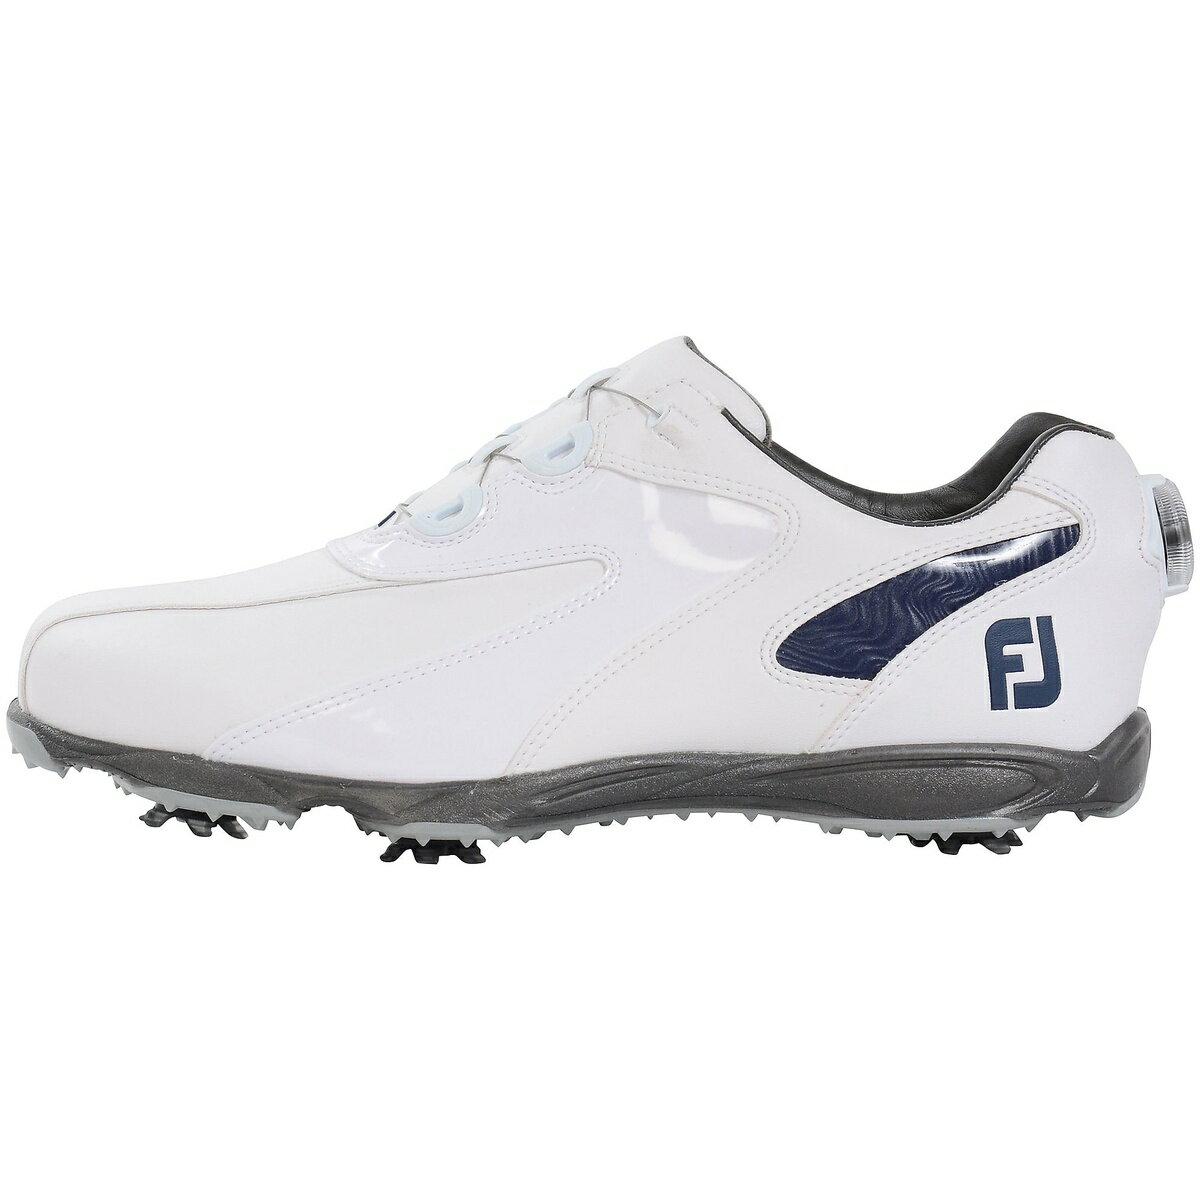 【送料無料】 FOOTJOY (フットジョイ) ゴルフ メンズゴルフシューズ 19 EXL SP ボア WT/NV メンズ WHT 45189